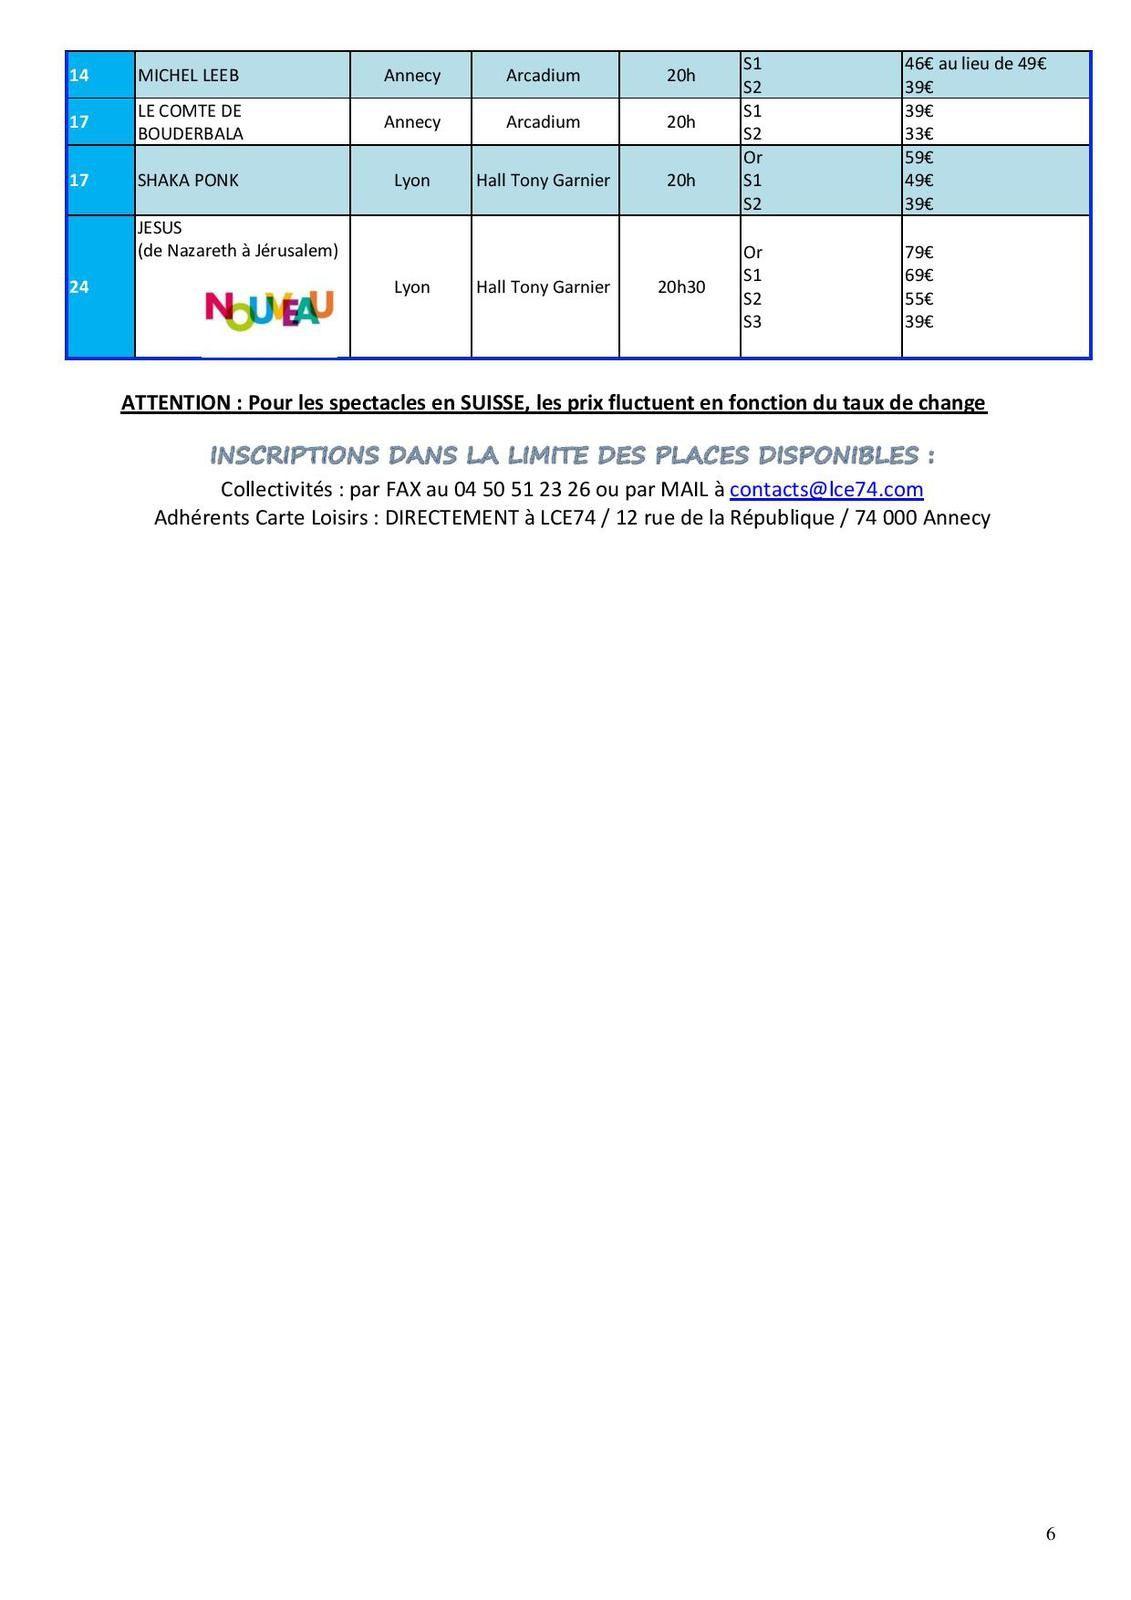 La carte loisirs 2017 de LCE74 (voici vos avantages)(mis a jour mercredi 28 juin 2017)